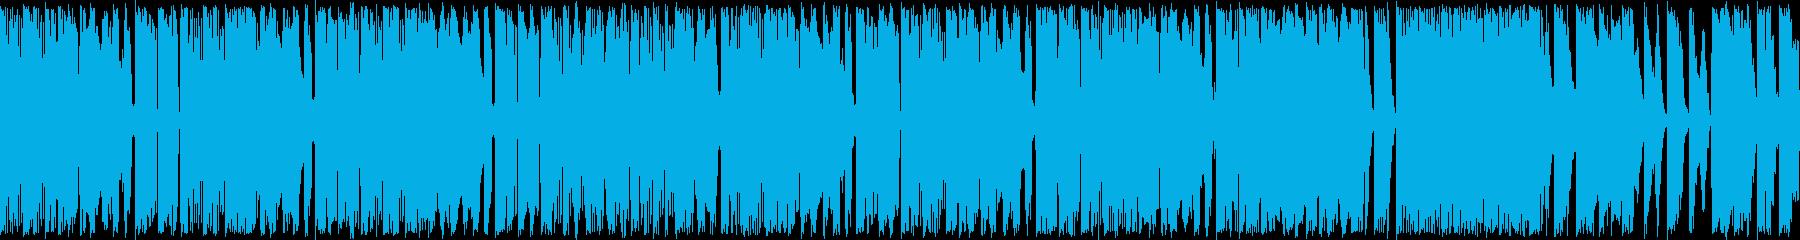 クイズ シンキングタイム 没頭中 悩み中の再生済みの波形